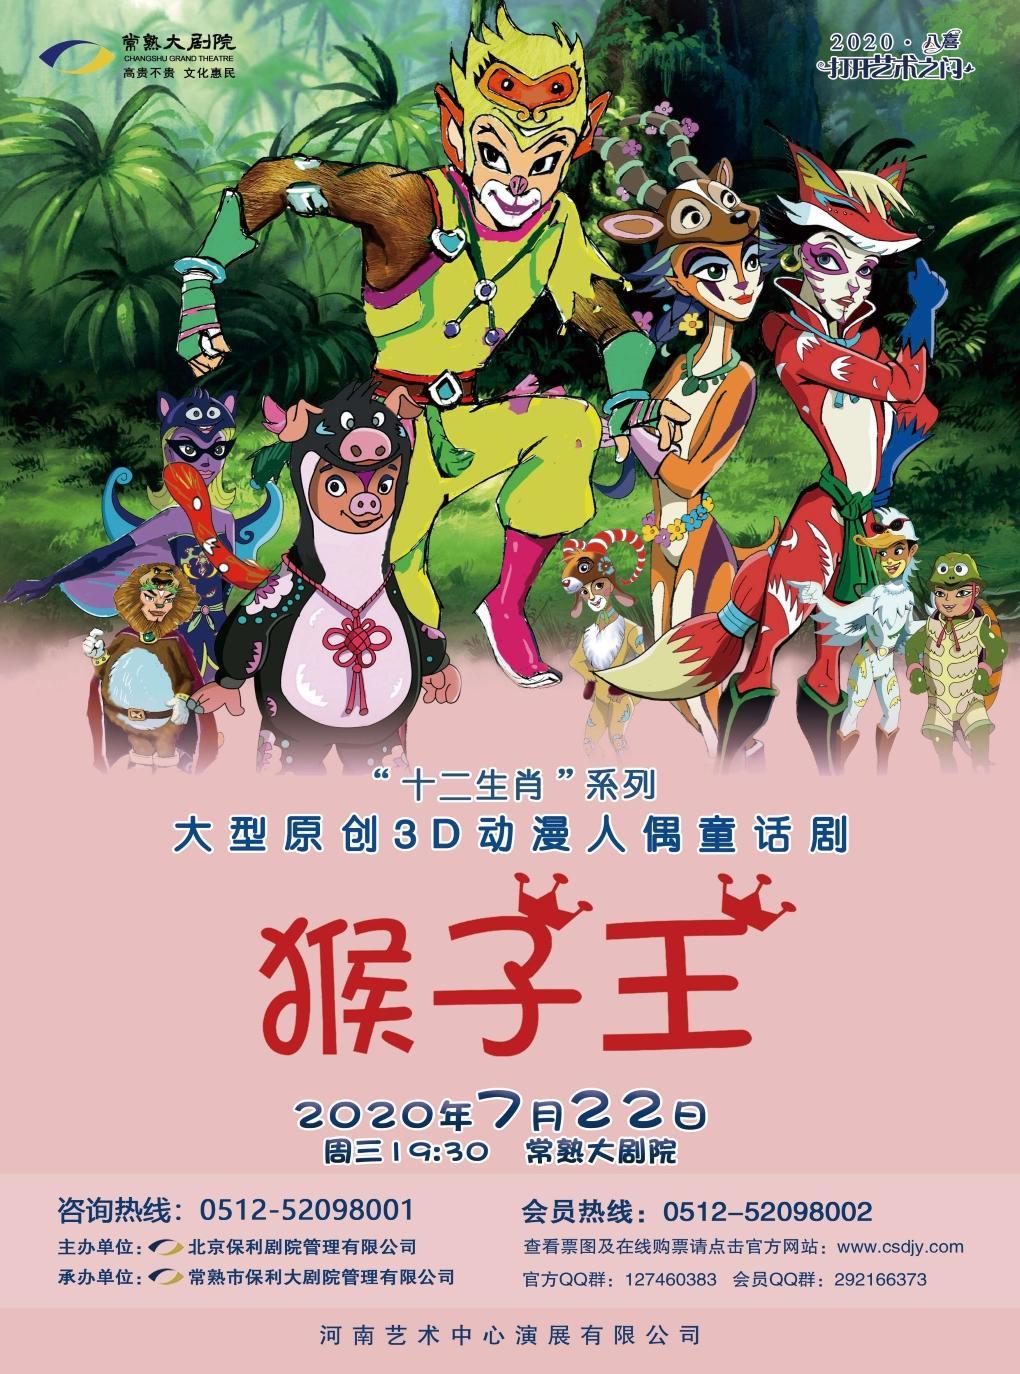 大型原创3D动漫人偶童话剧《猴子王》